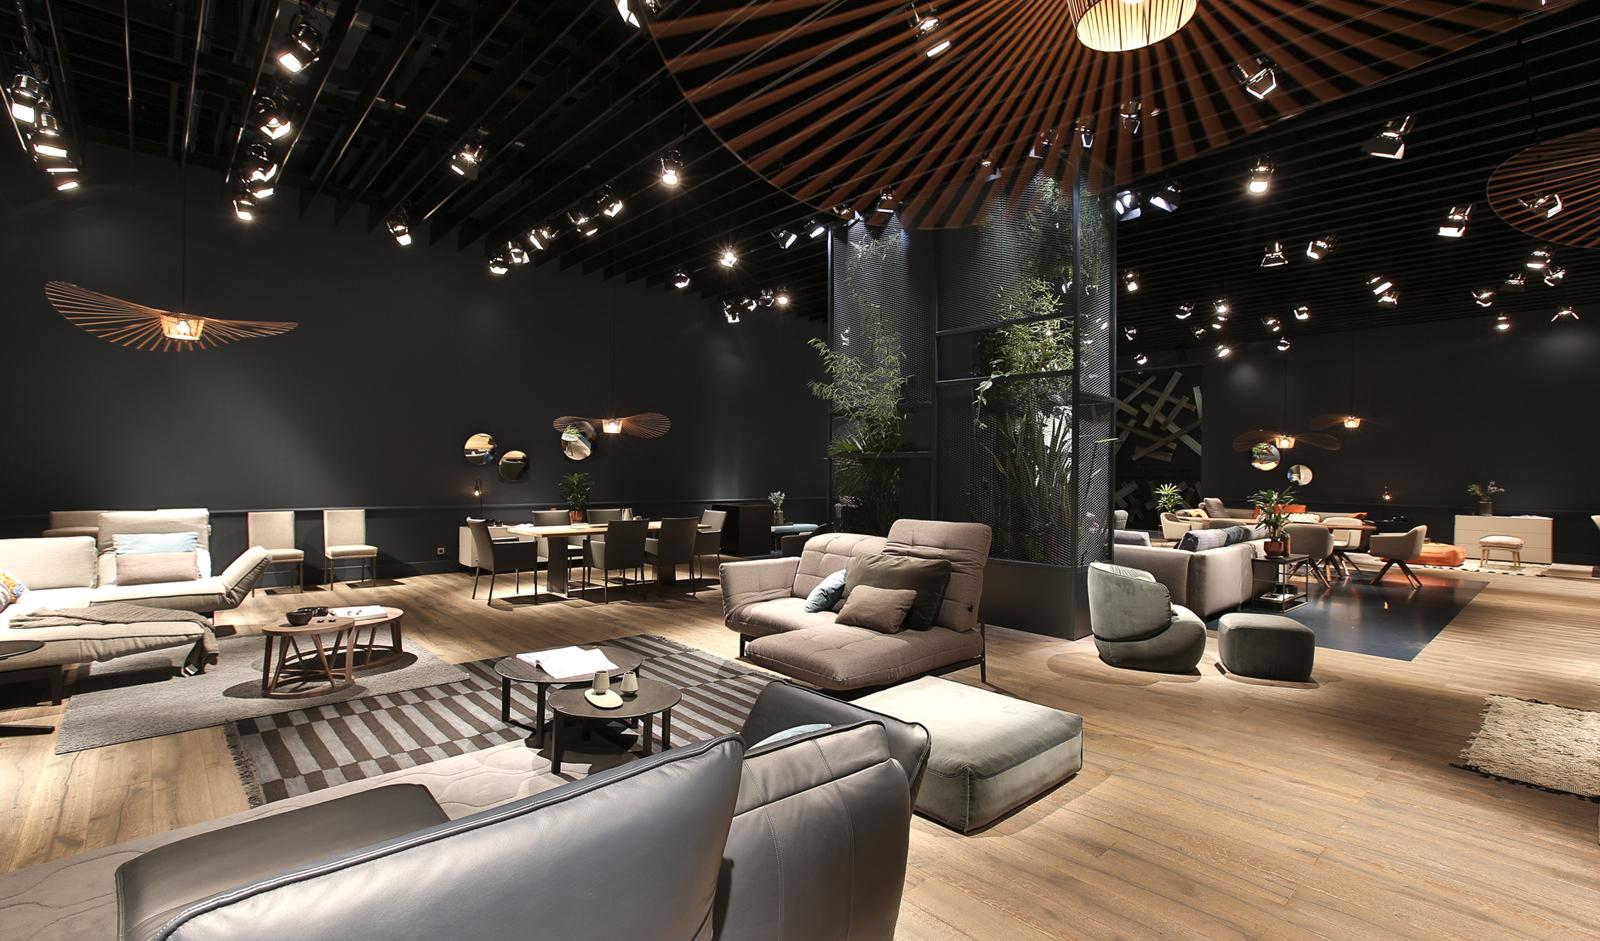 rolf benz imm cologne 2017. Black Bedroom Furniture Sets. Home Design Ideas